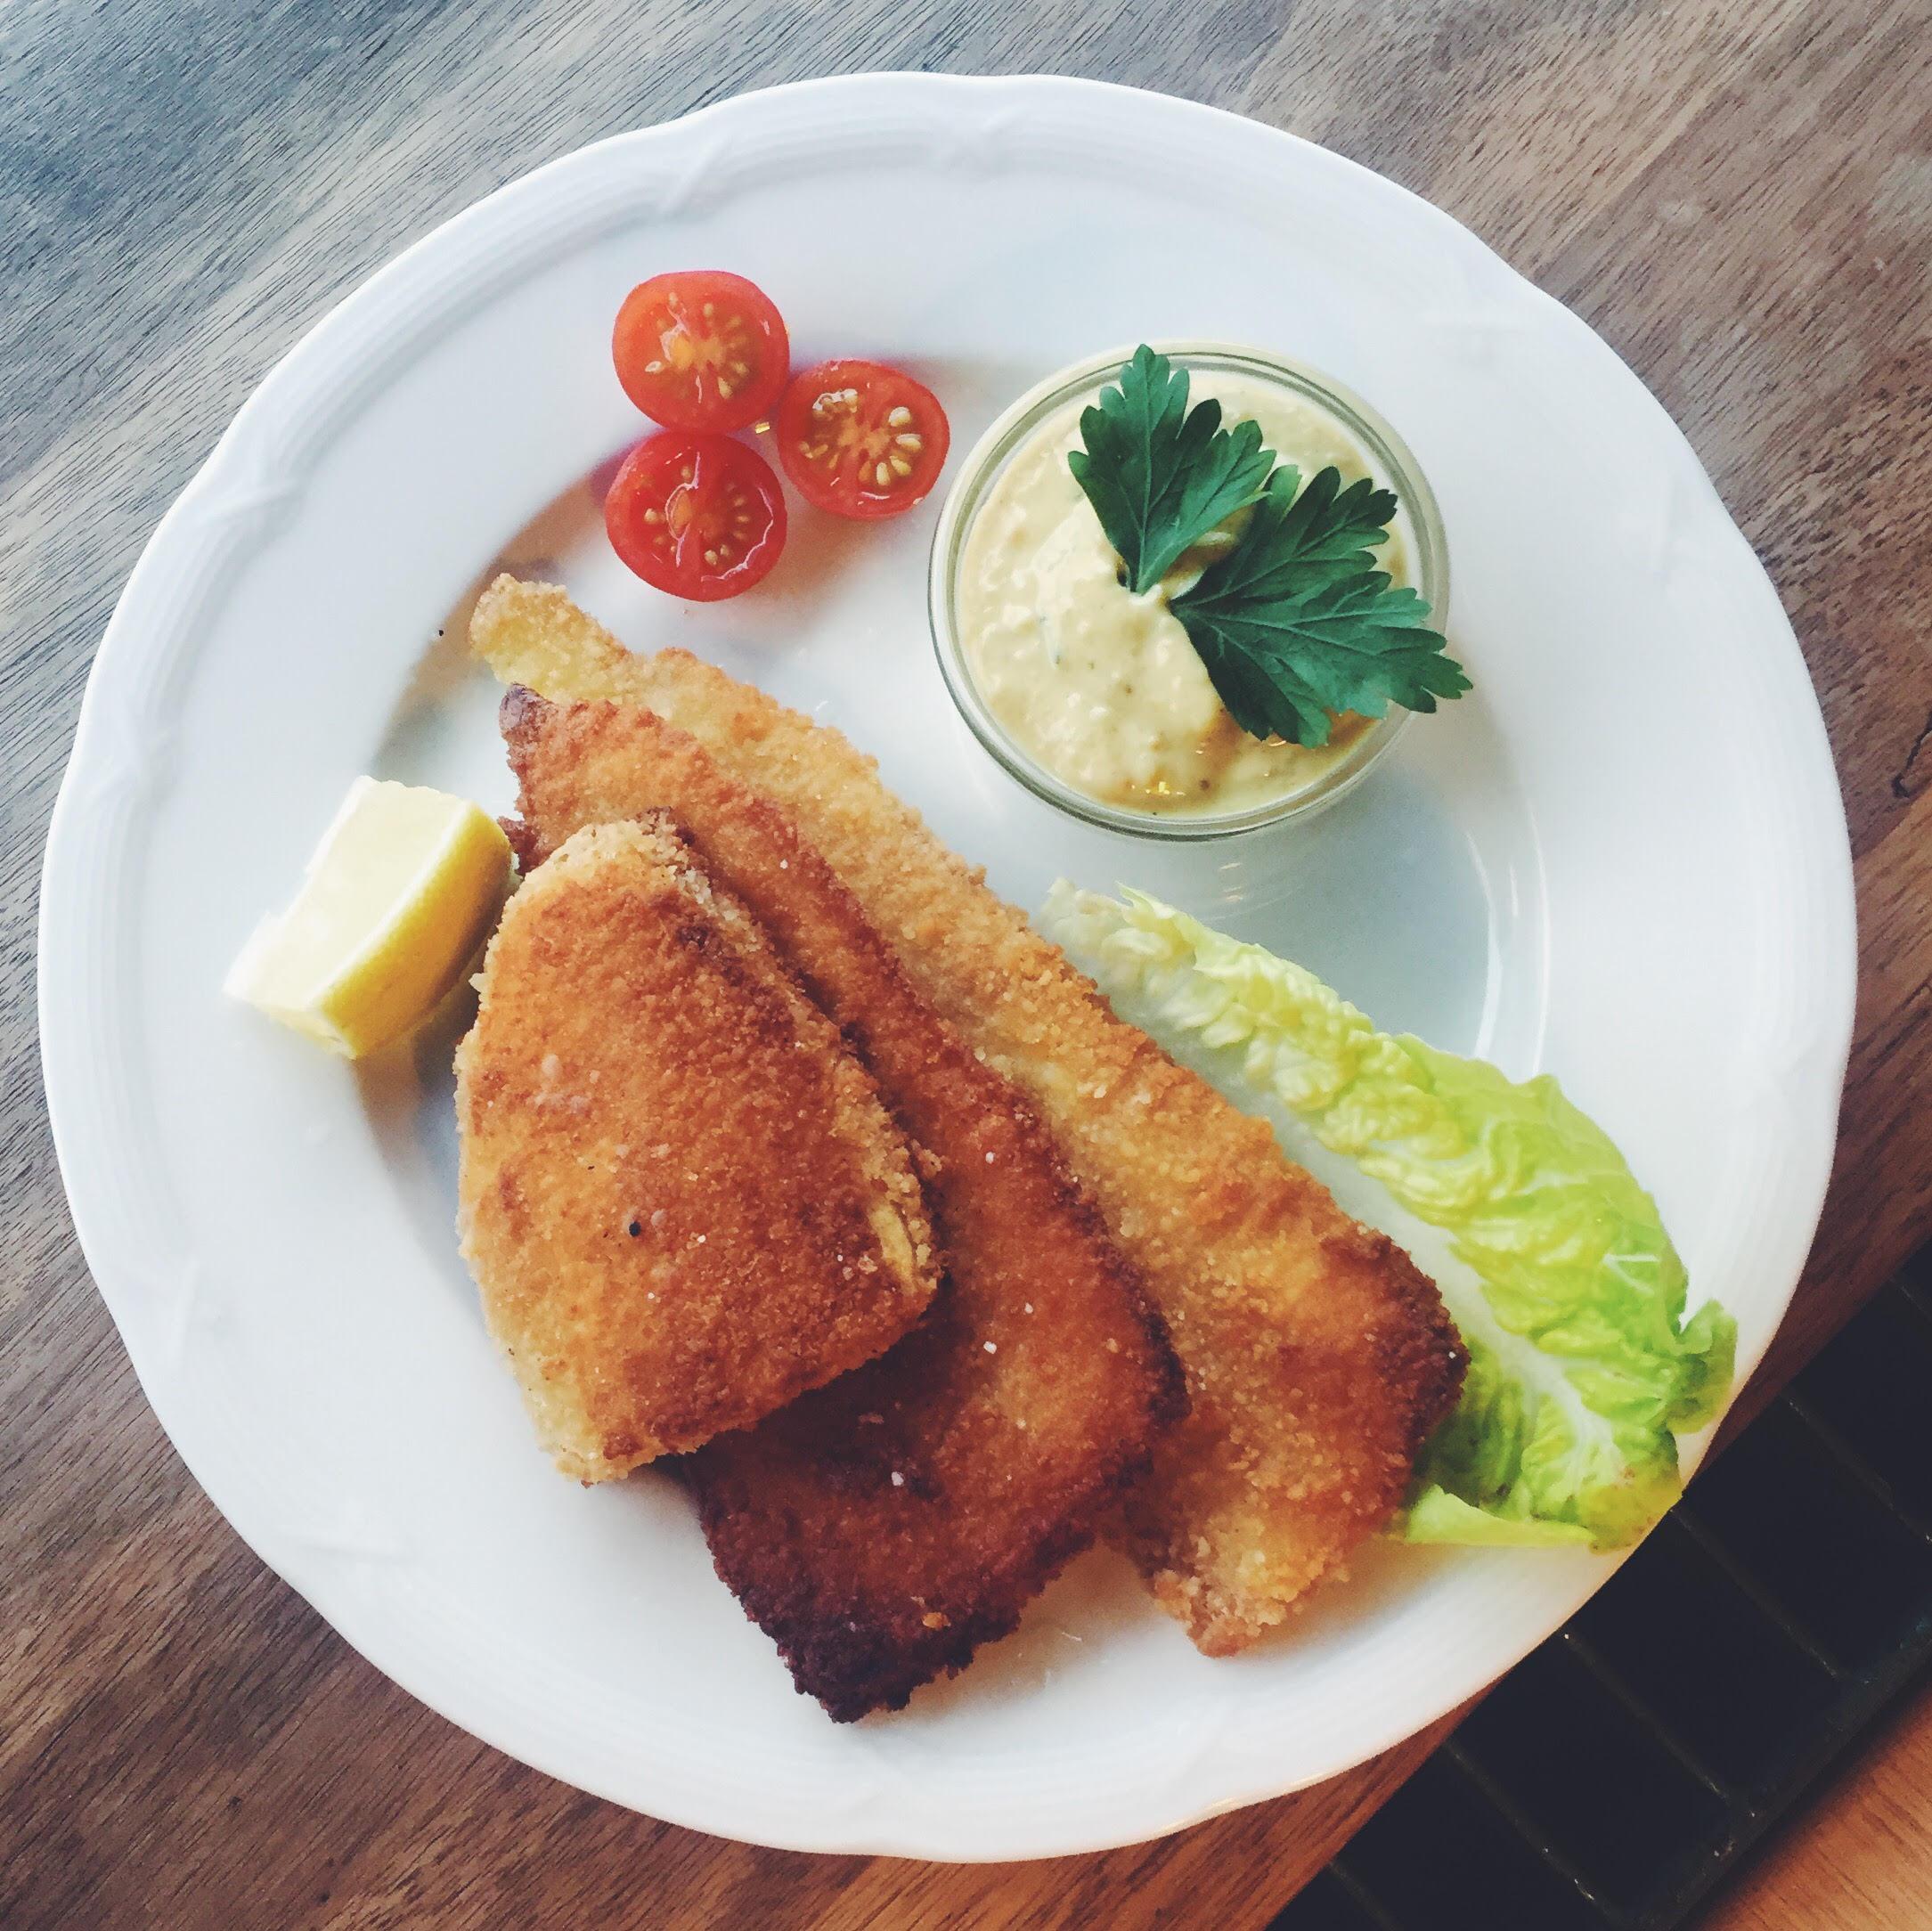 fiskefrilet Frederik VI. Vegansk smørrebrød